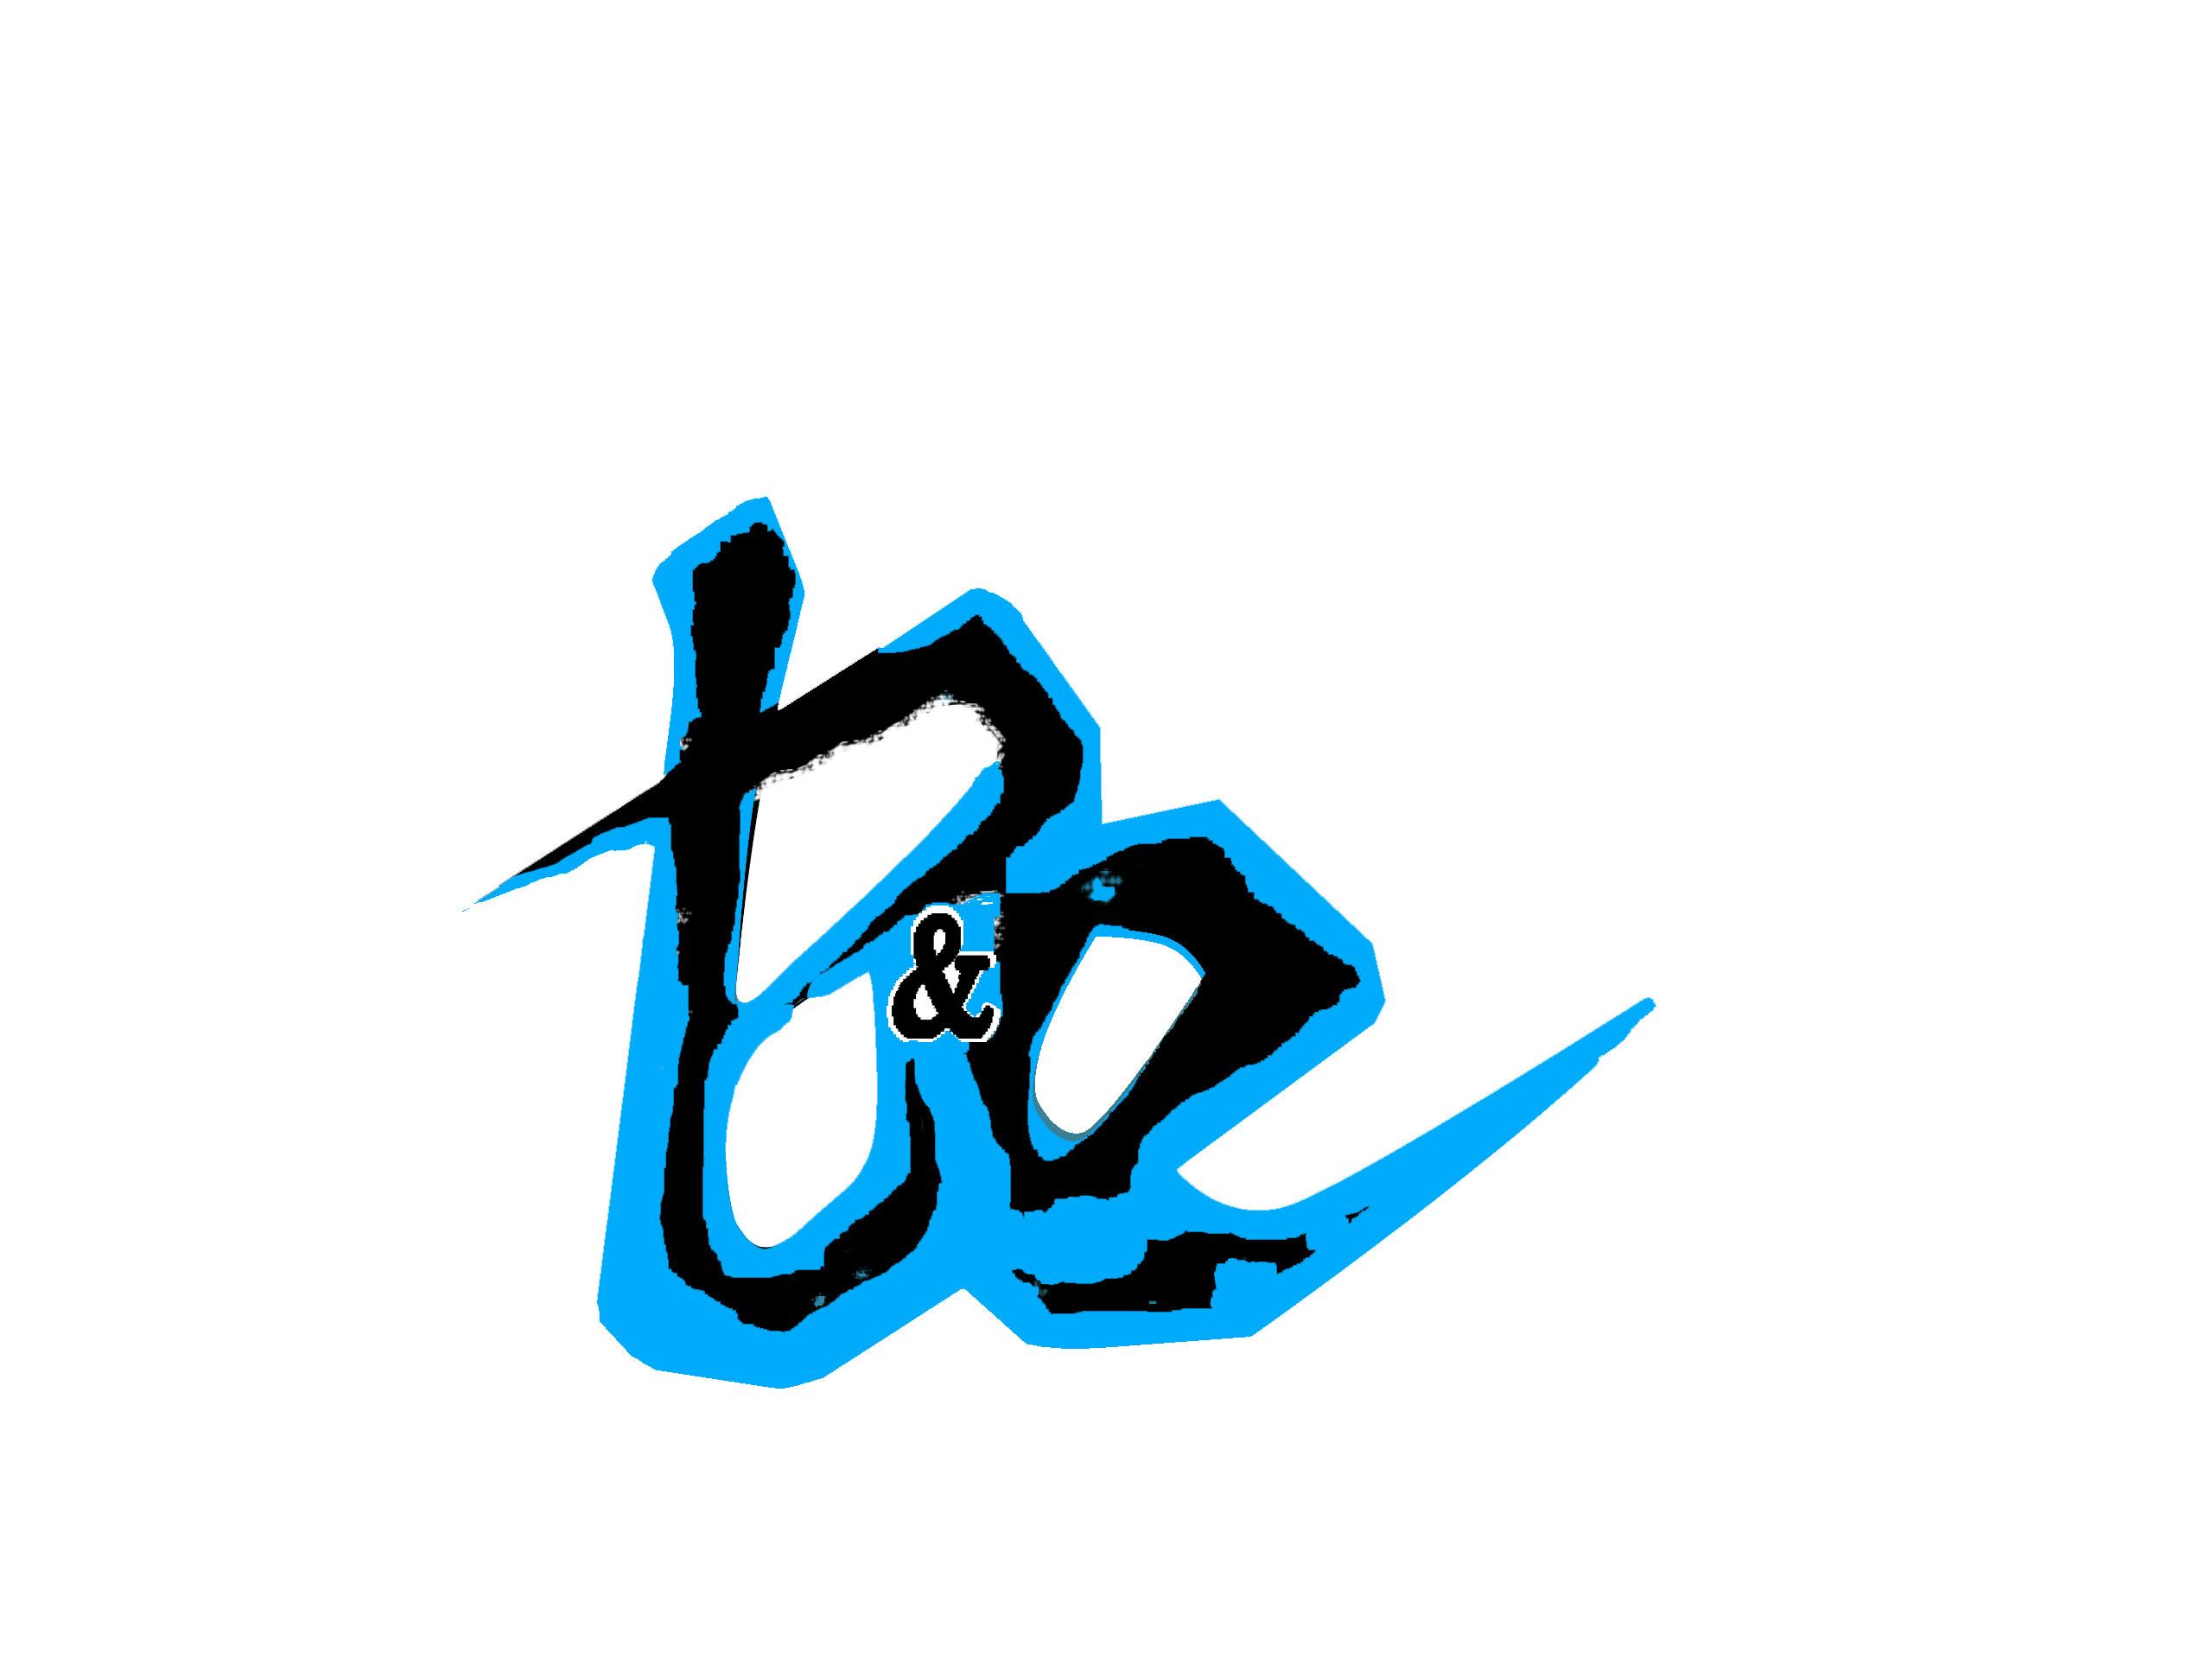 公司logo设计 - 图形与logo设计 - 猪八戒网国际站